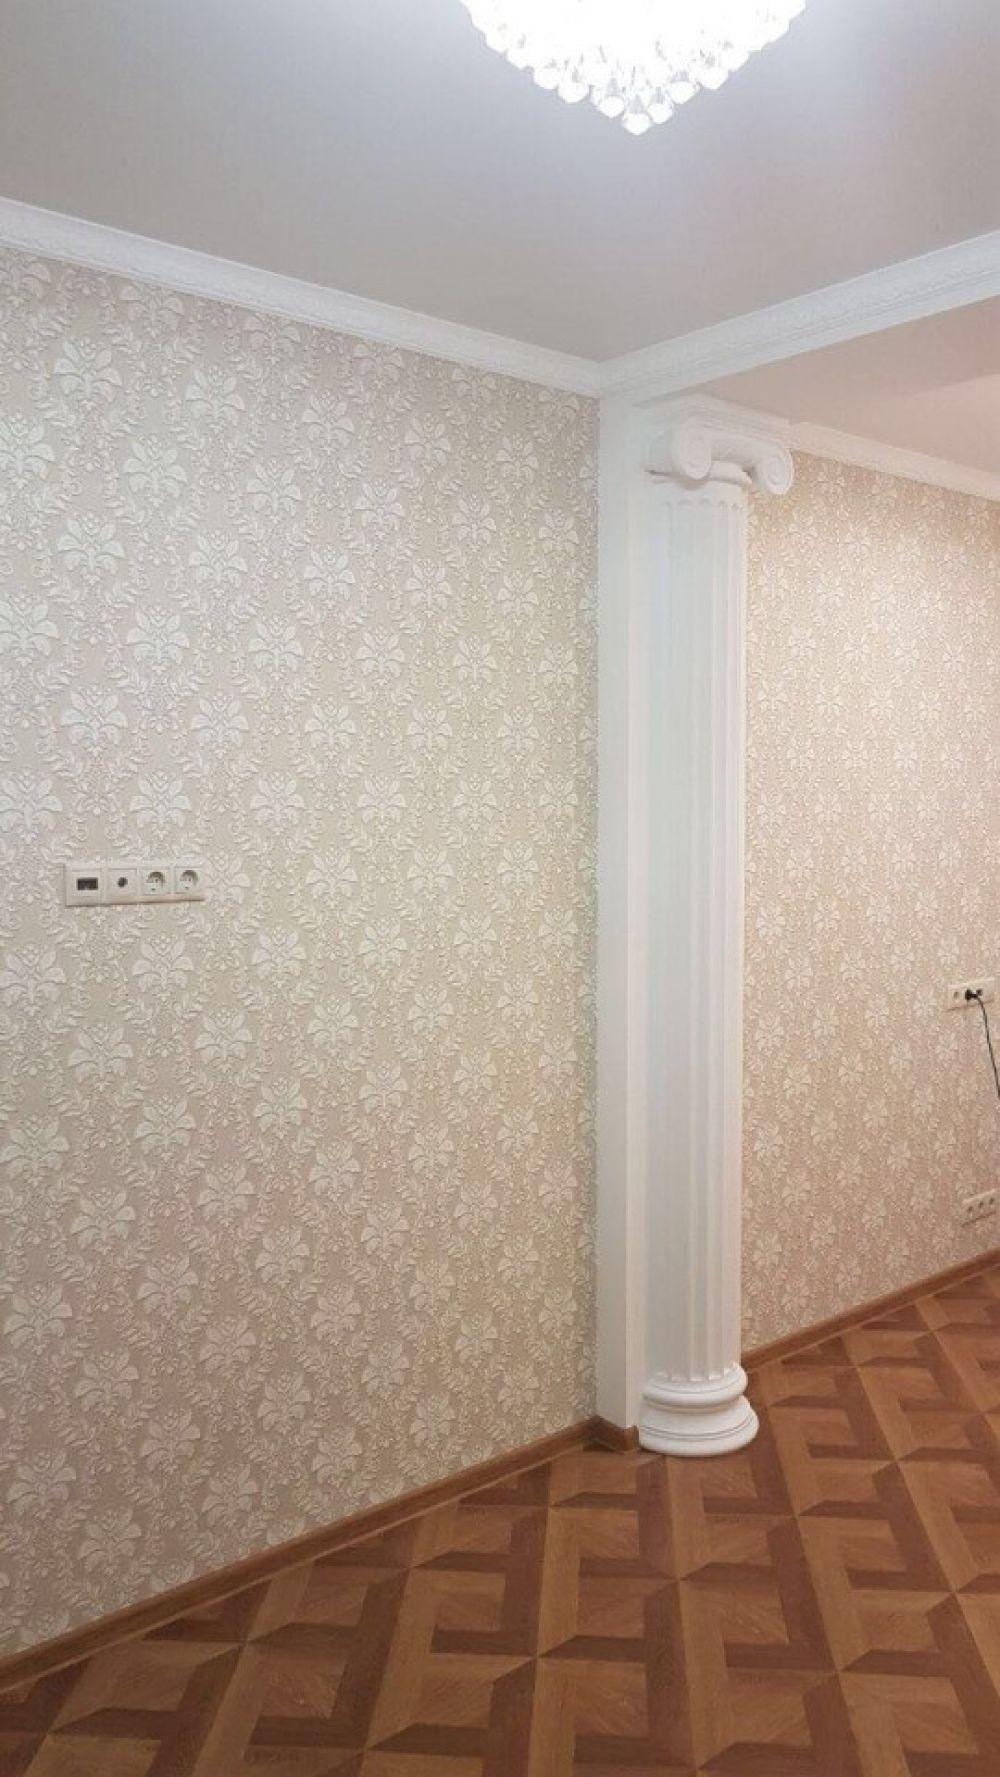 2-комнатная квартира п.Свердловский ЖК Лукино-Варино ул.Заречная д.3., фото 2